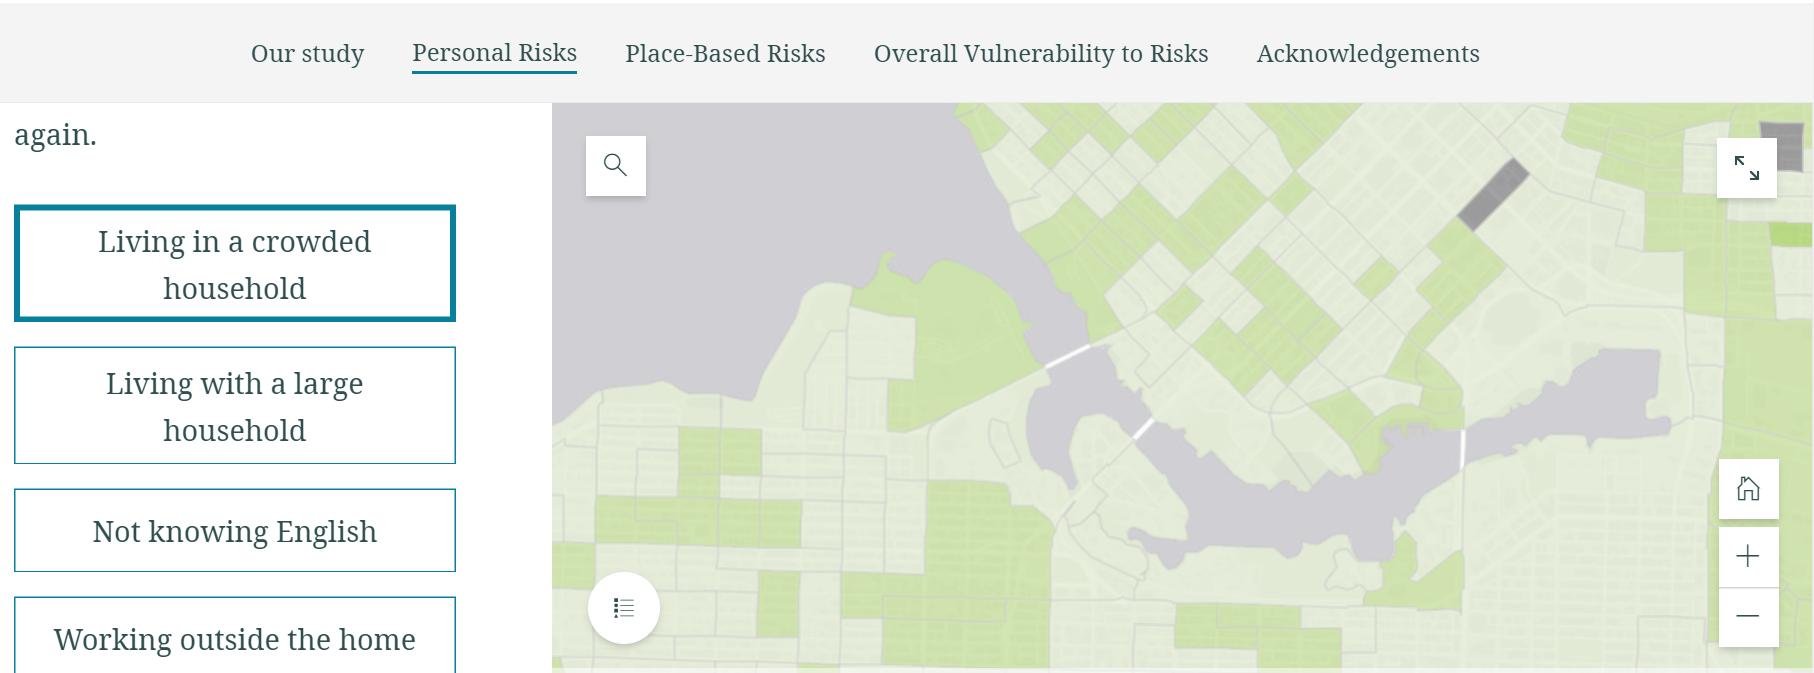 covid-19 vulnerability